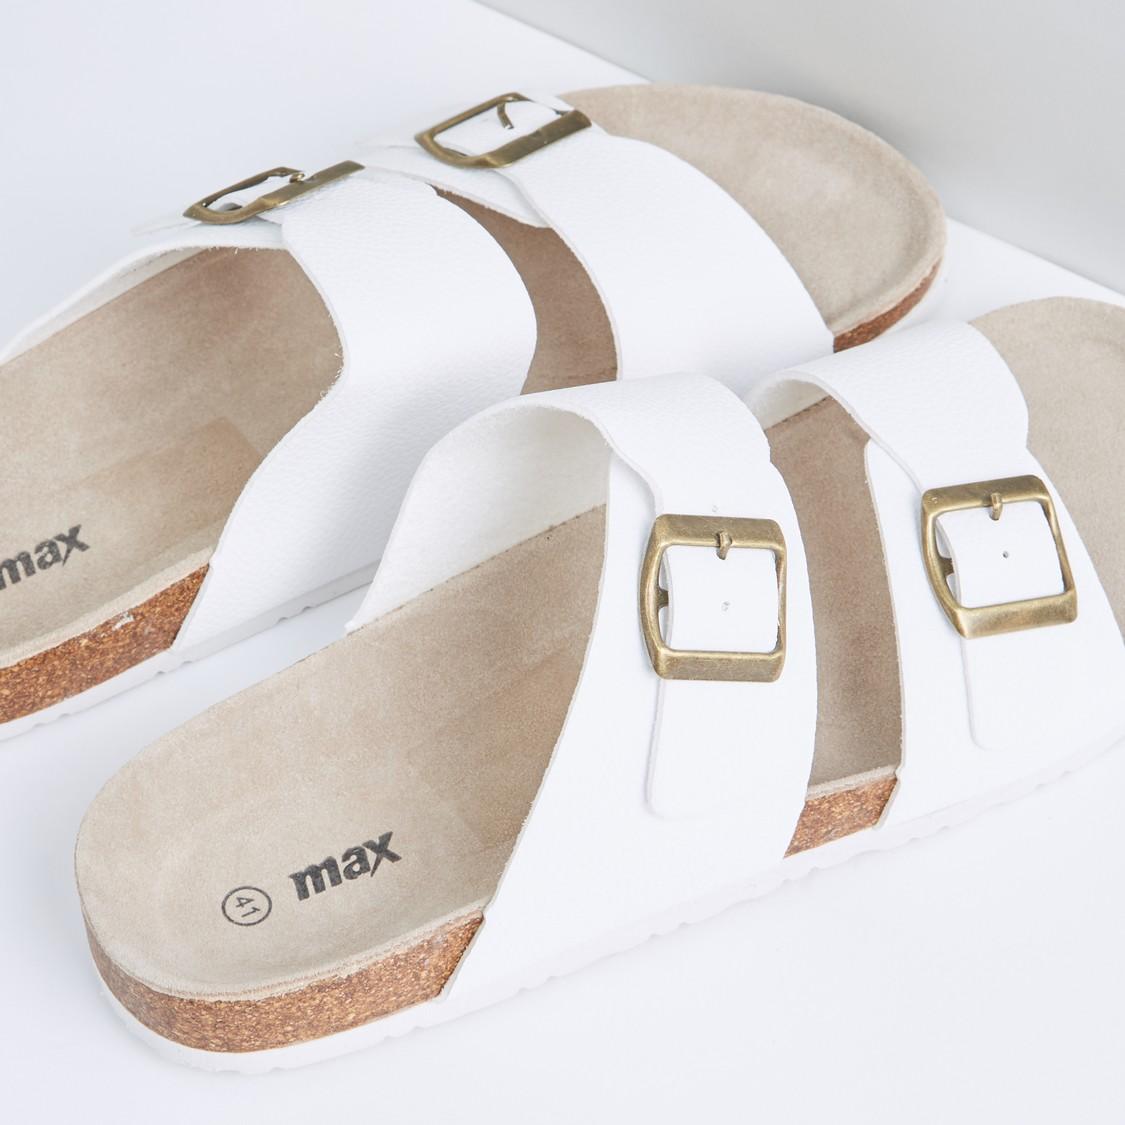 حذاء خفيف بارز الملمس بإبزيم